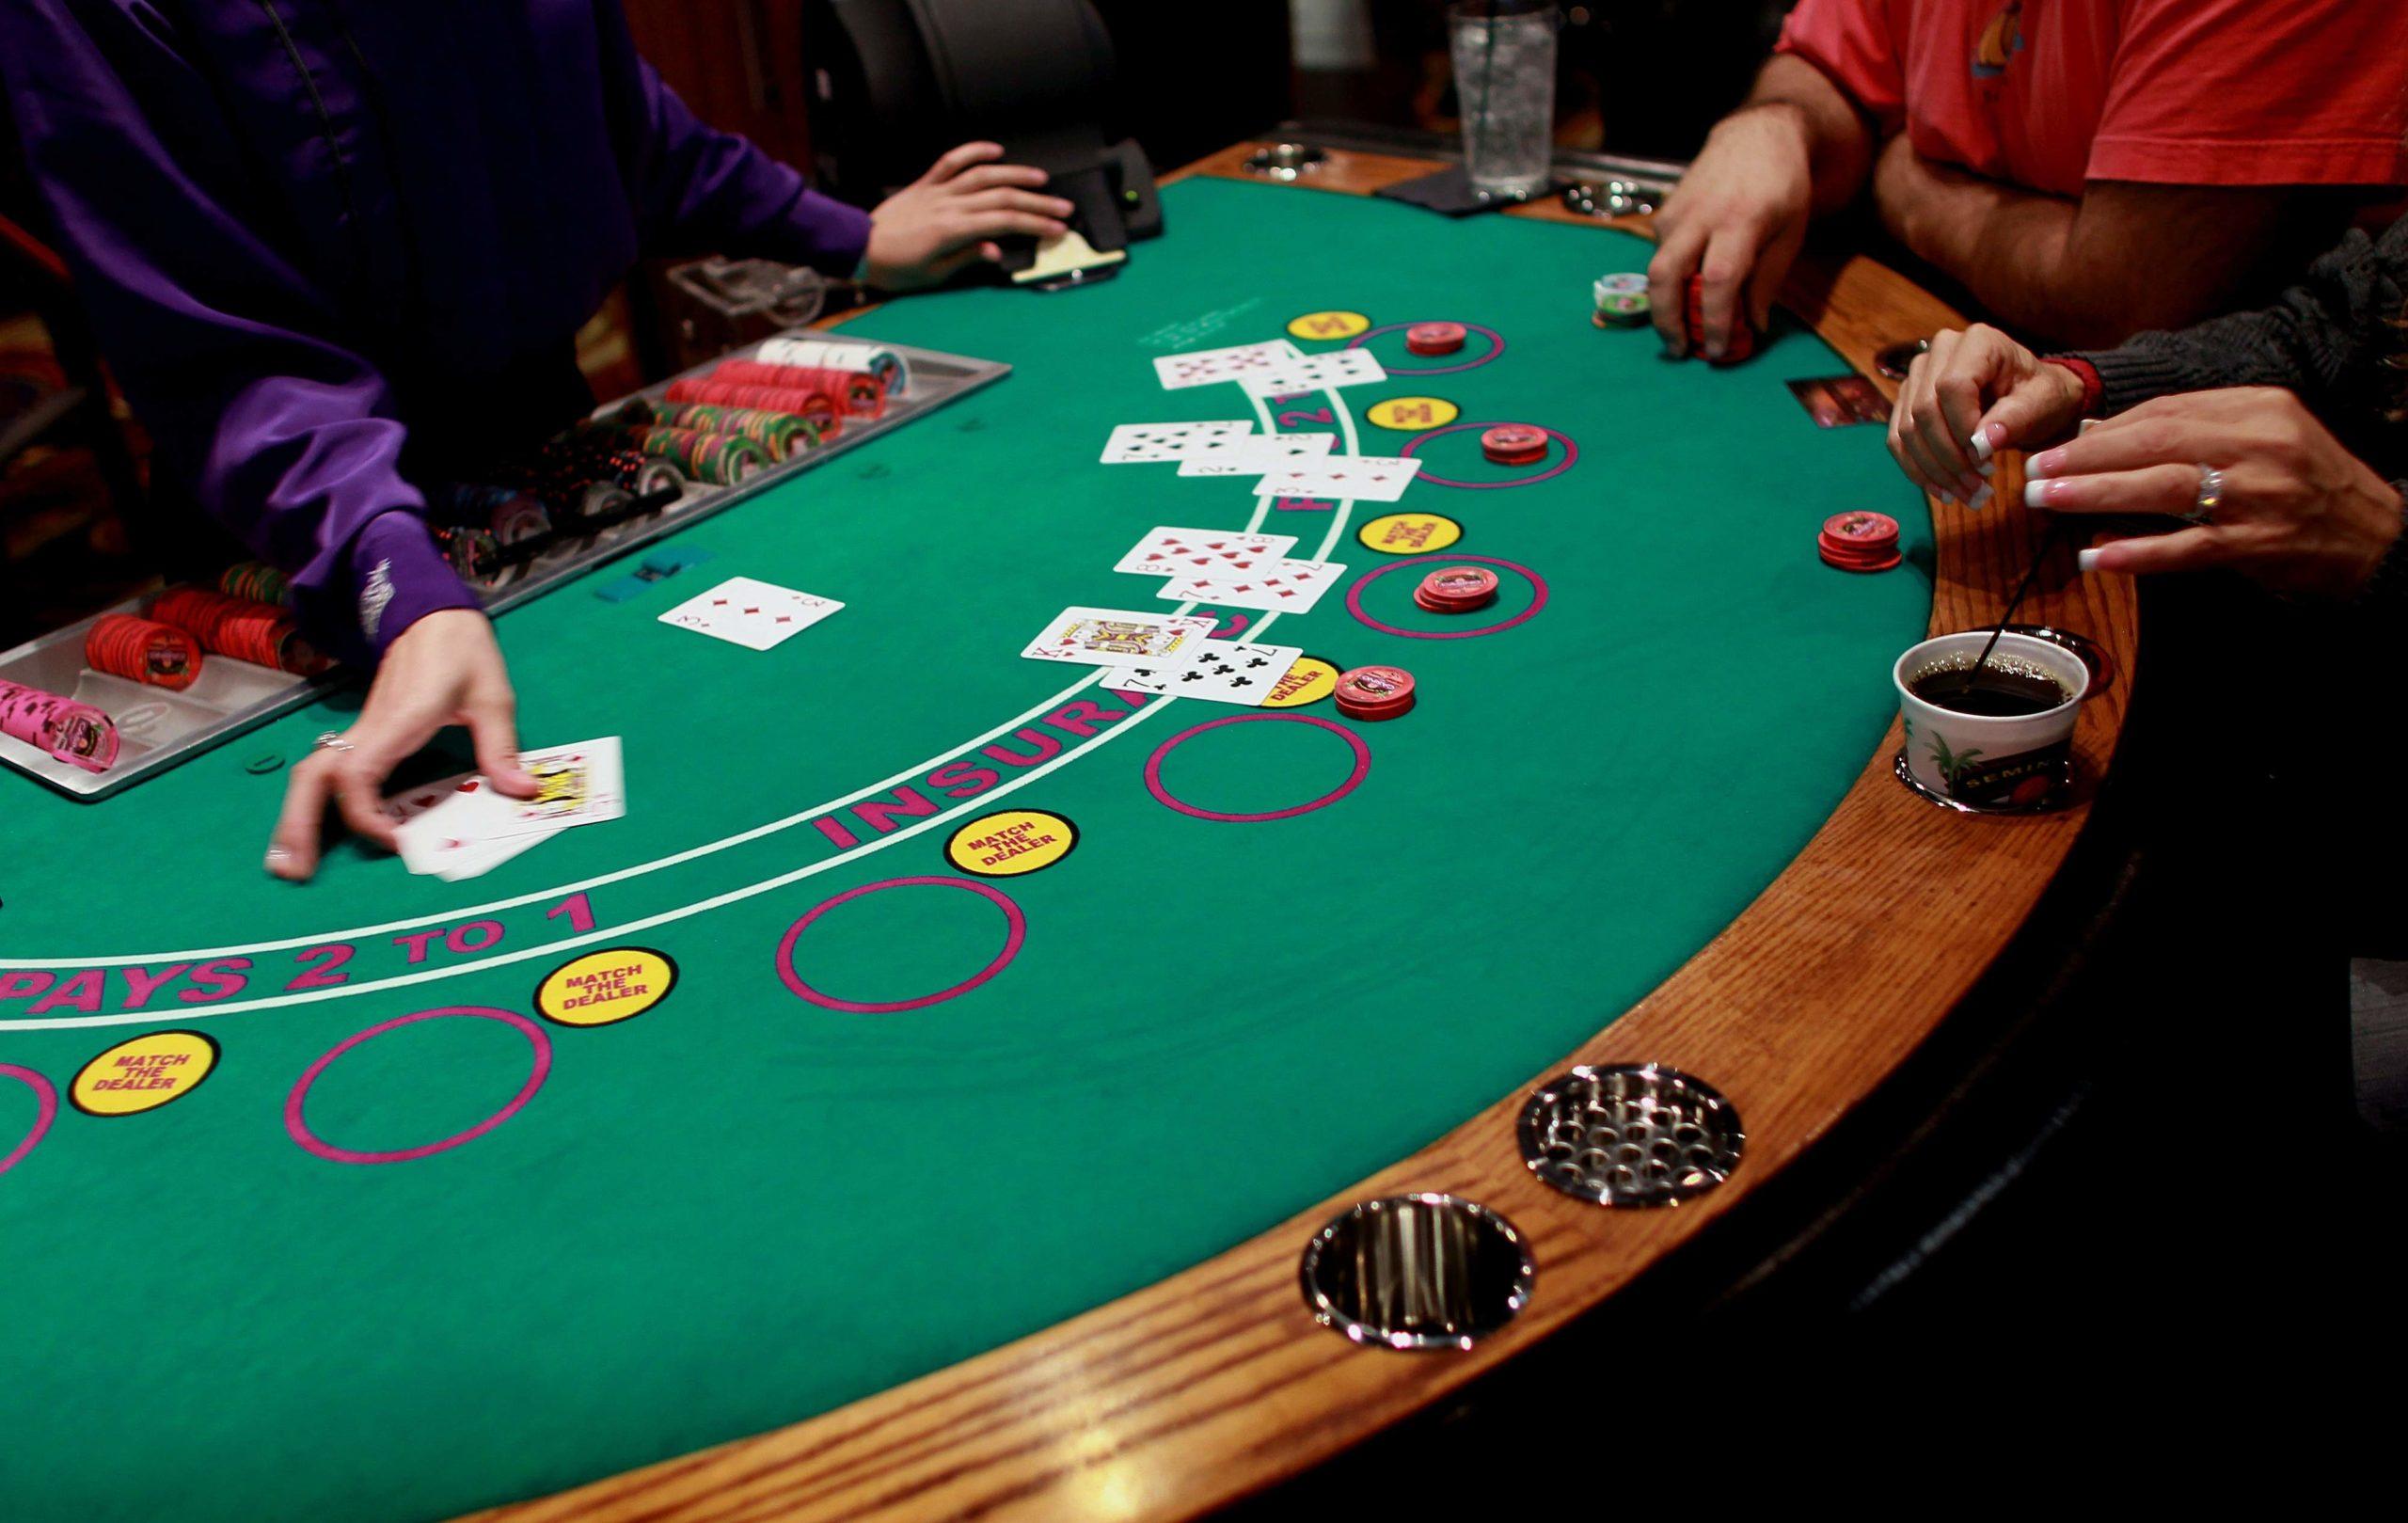 لعبة قمار للاندرويد - 39391